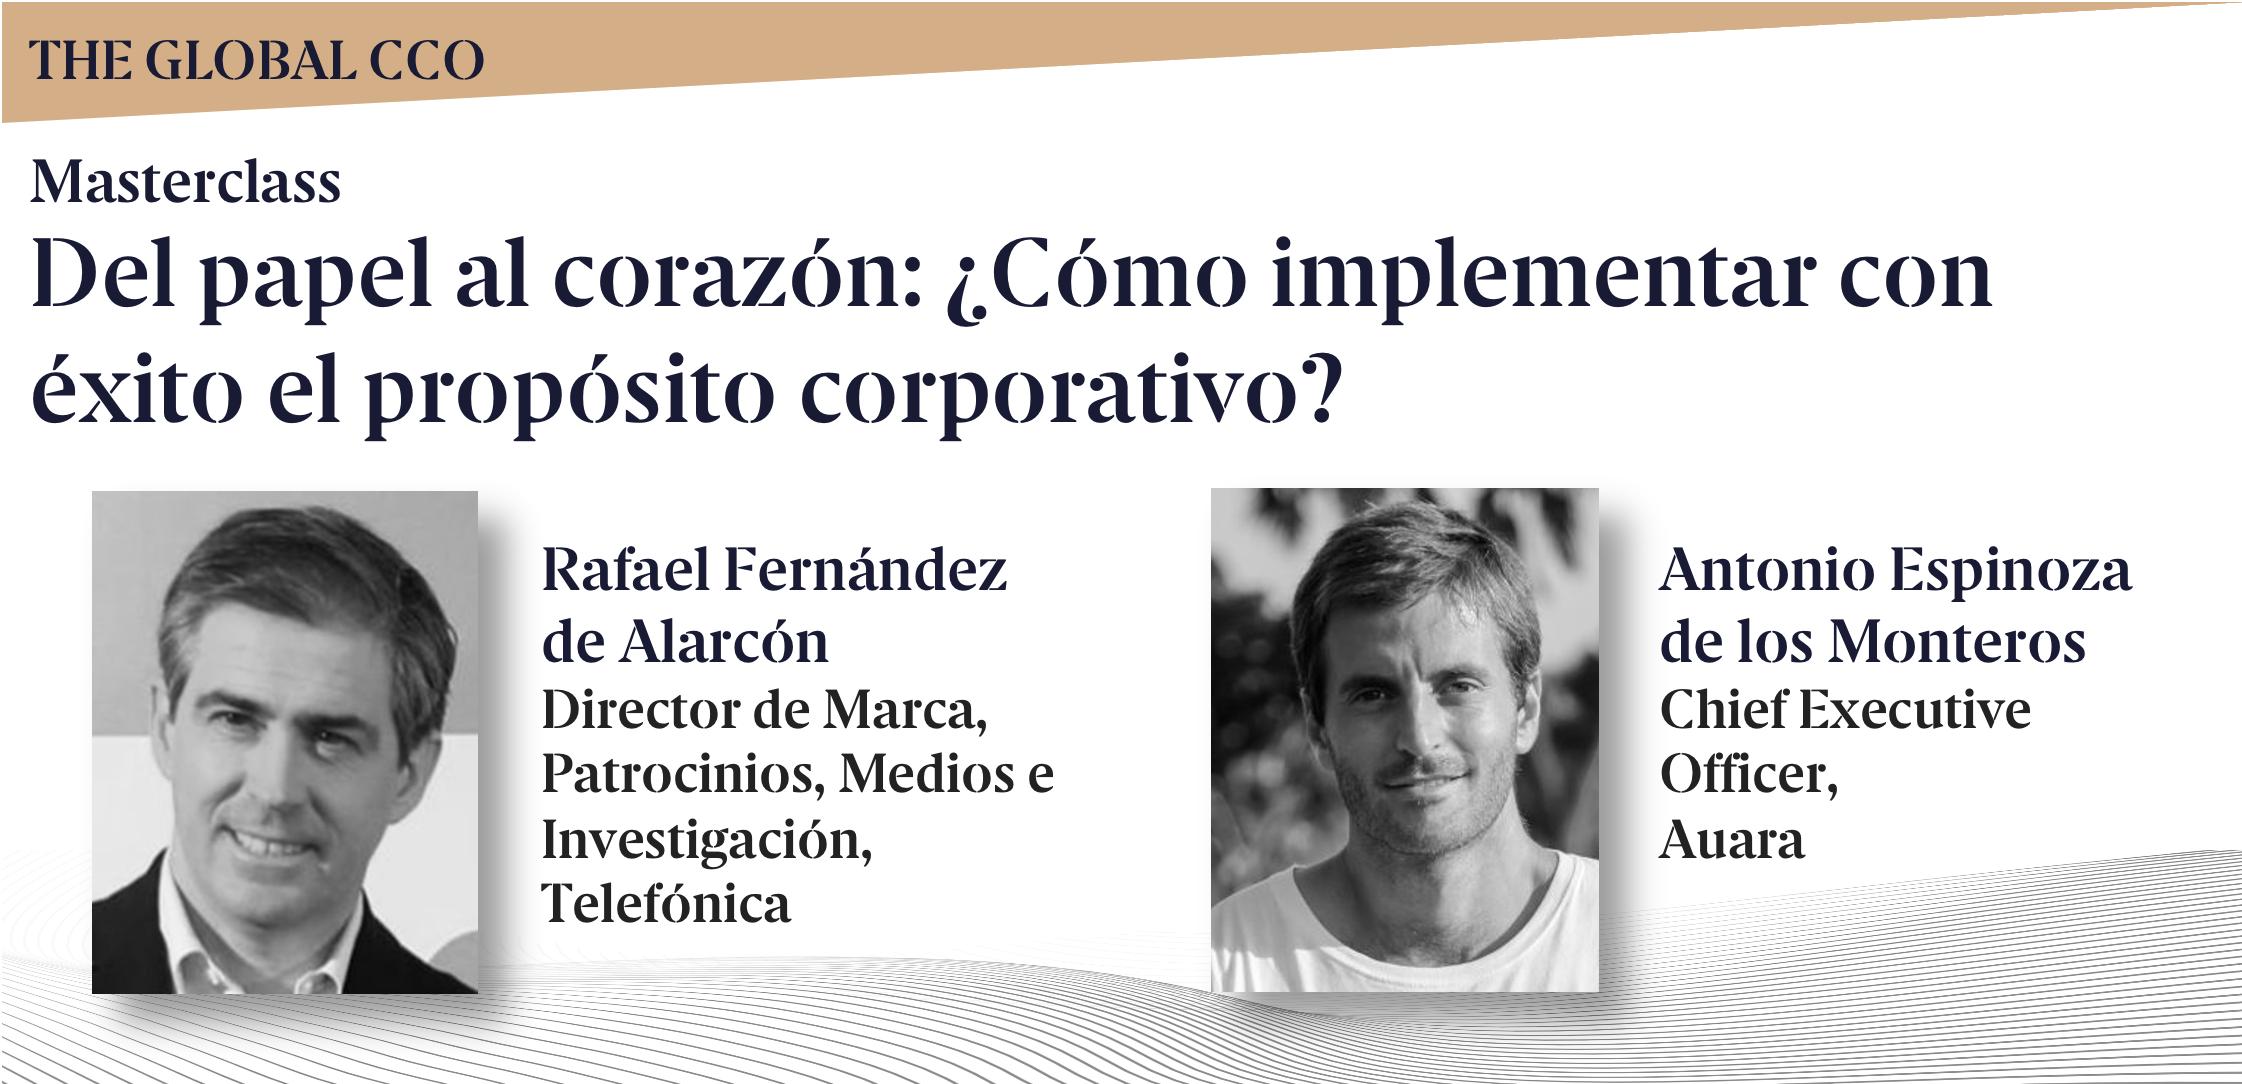 Masterclass gratuita: Del papel al corazón: ¿Cómo implementar con éxito el propósito corporativo?